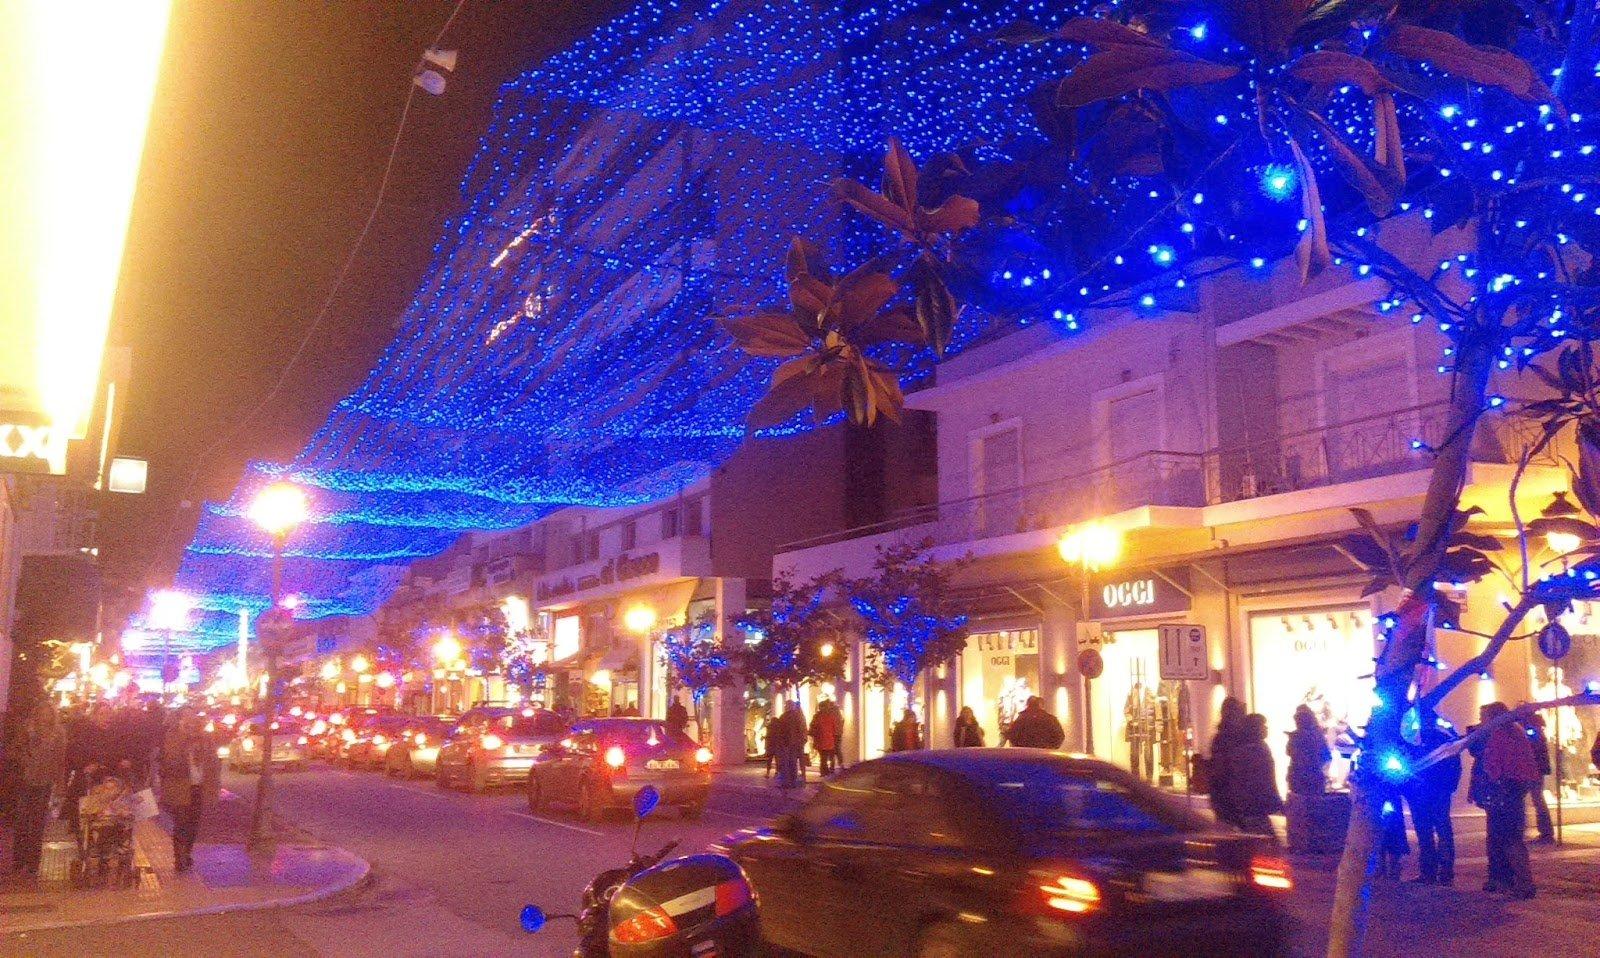 Χριστουγεννιάτικοι στολισμοί στις Ελληνικές πόλεις